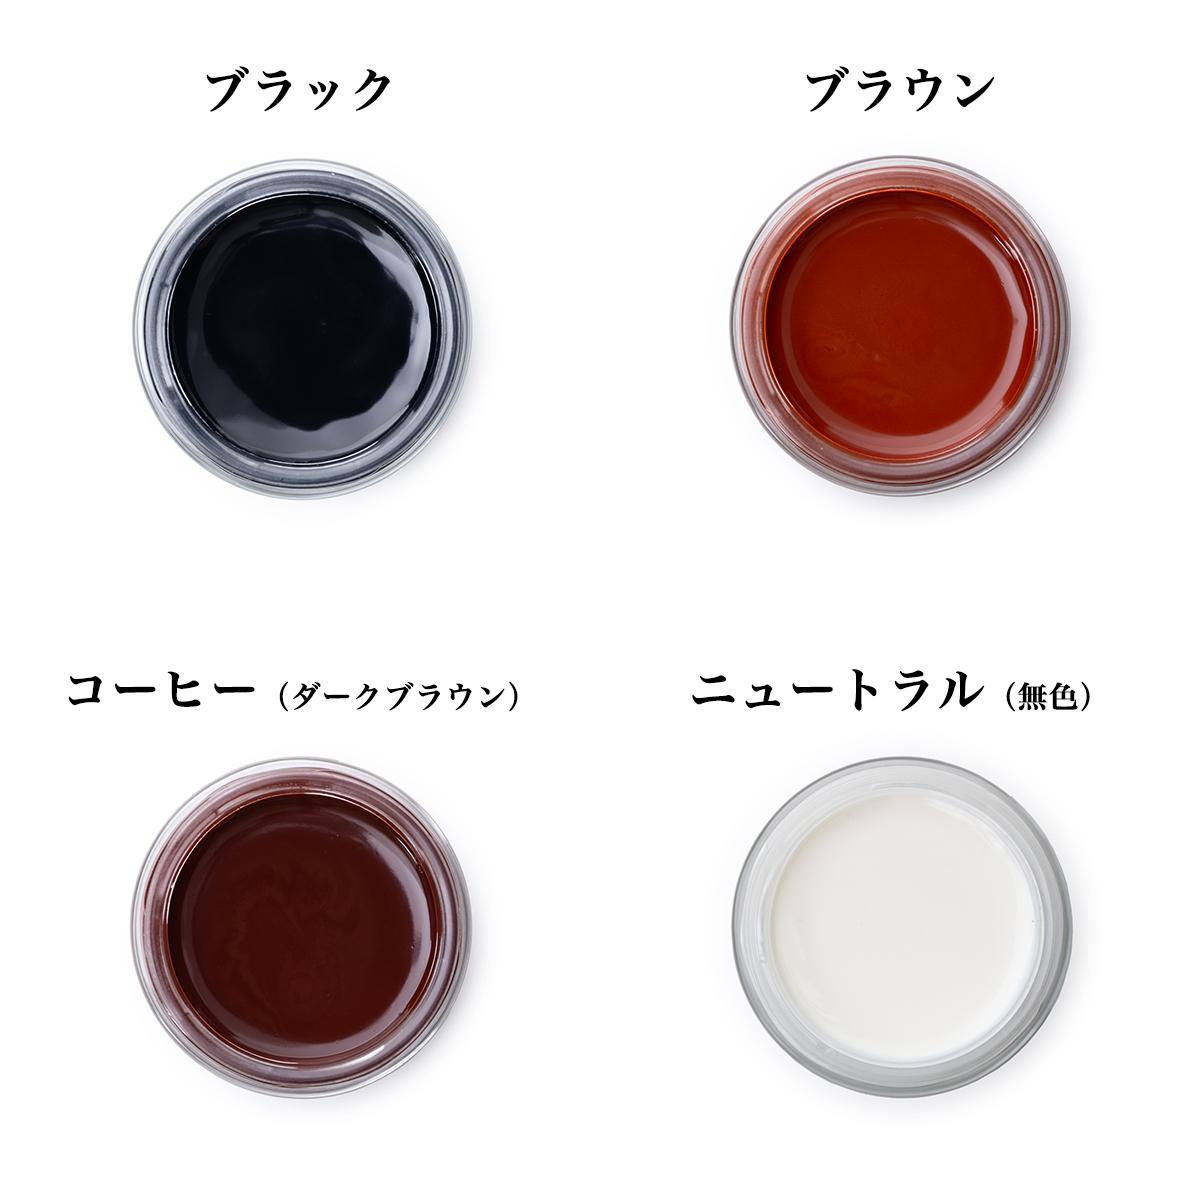 ブラック、ブラウン、コーヒー(ダークブラウン)、ニュートラル(無色)の4色展開。プレミアム靴クリーム| 三陽山長